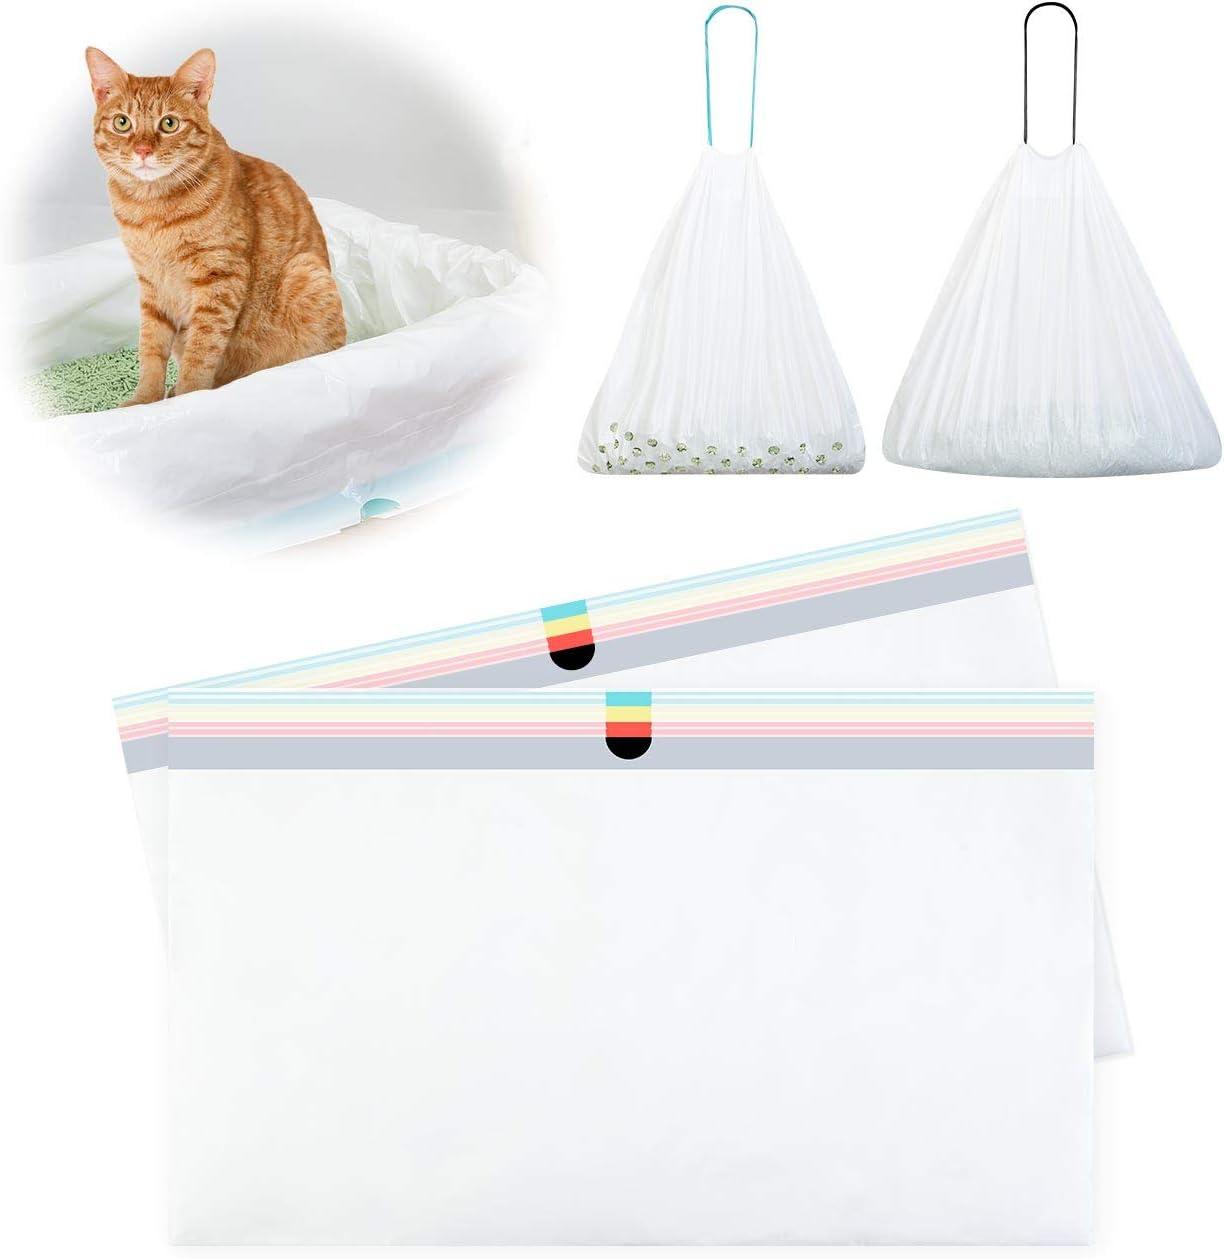 FurPaw Bolsas Basura para Gatos, Bolsas Filter Arenero Gatos Grande con Cordón Diseño Orificio Red Único Heces Gato Fáciles de Limpiar 2 Pieazs: Amazon.es: Productos para mascotas